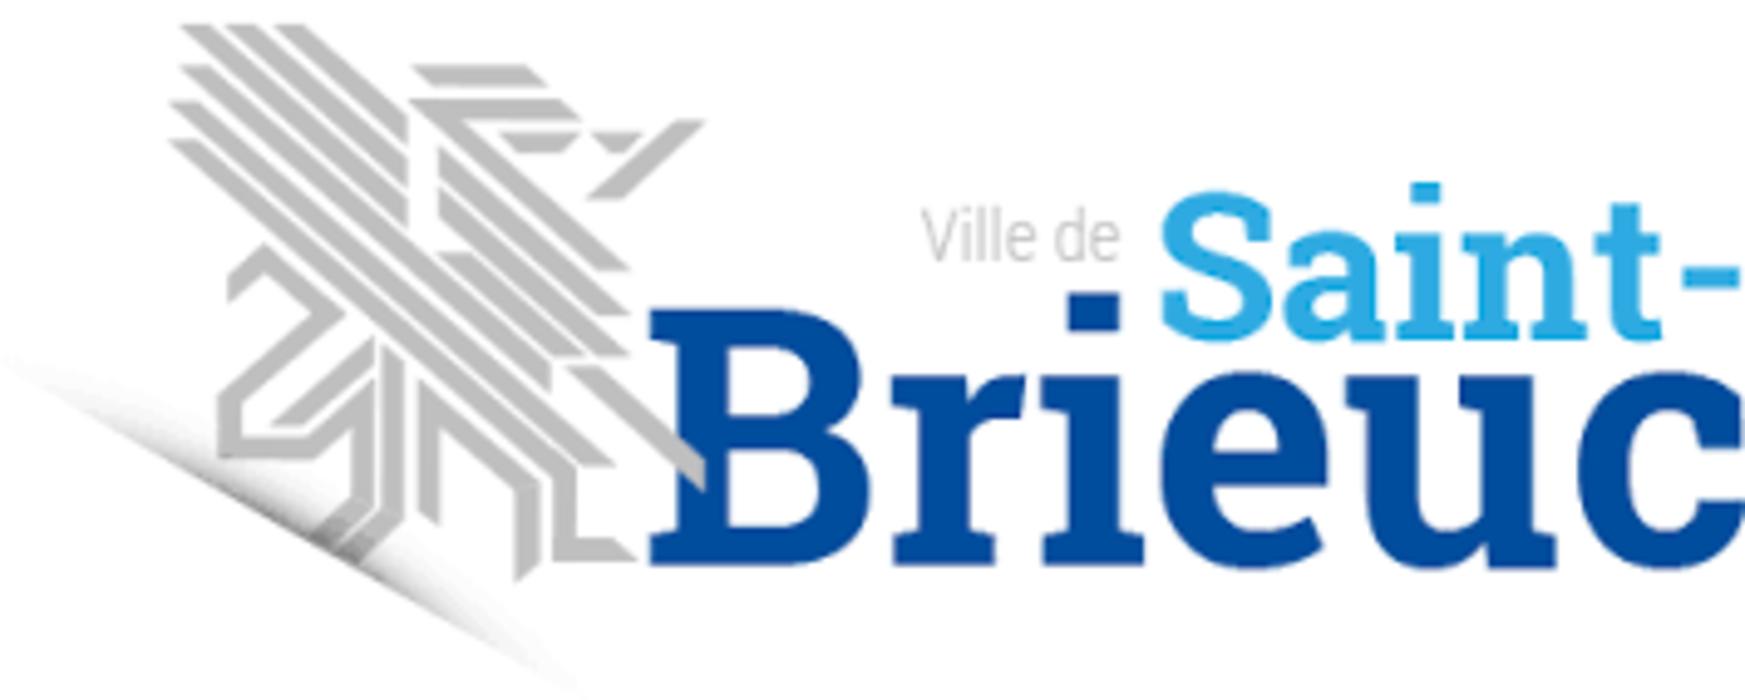 Ville de Saint-Brieuc 0